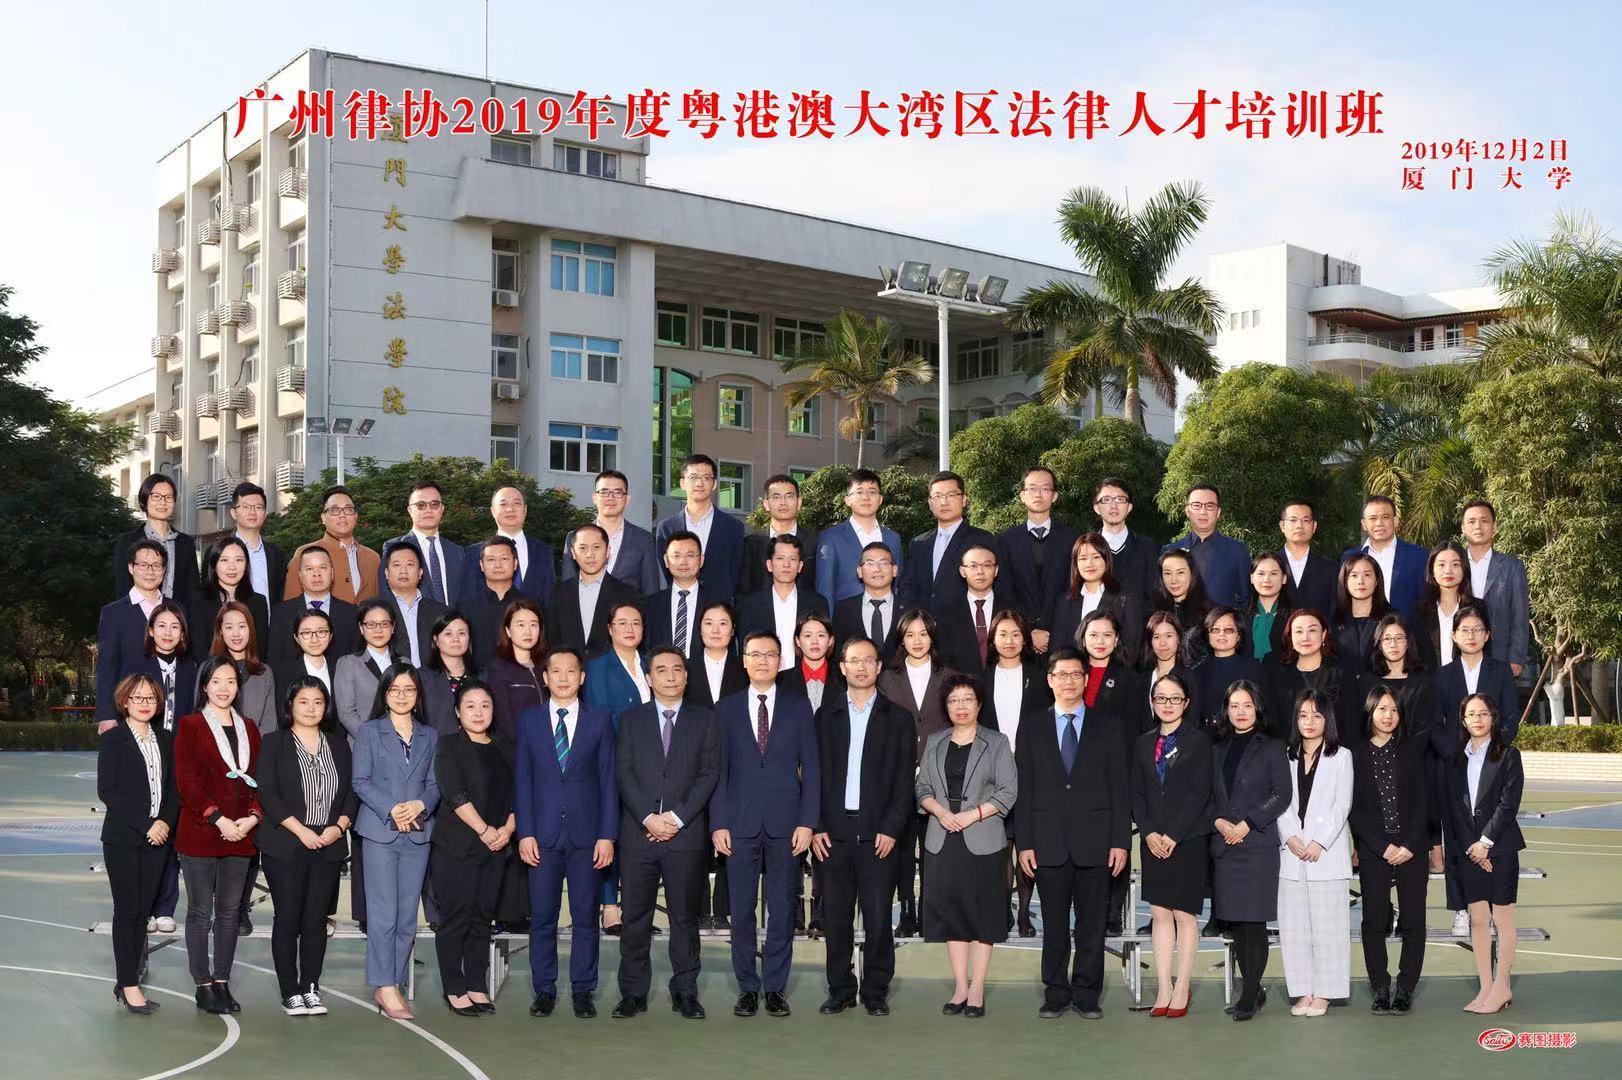 广州律协粤港澳大湾区法律人才培训班结业证书